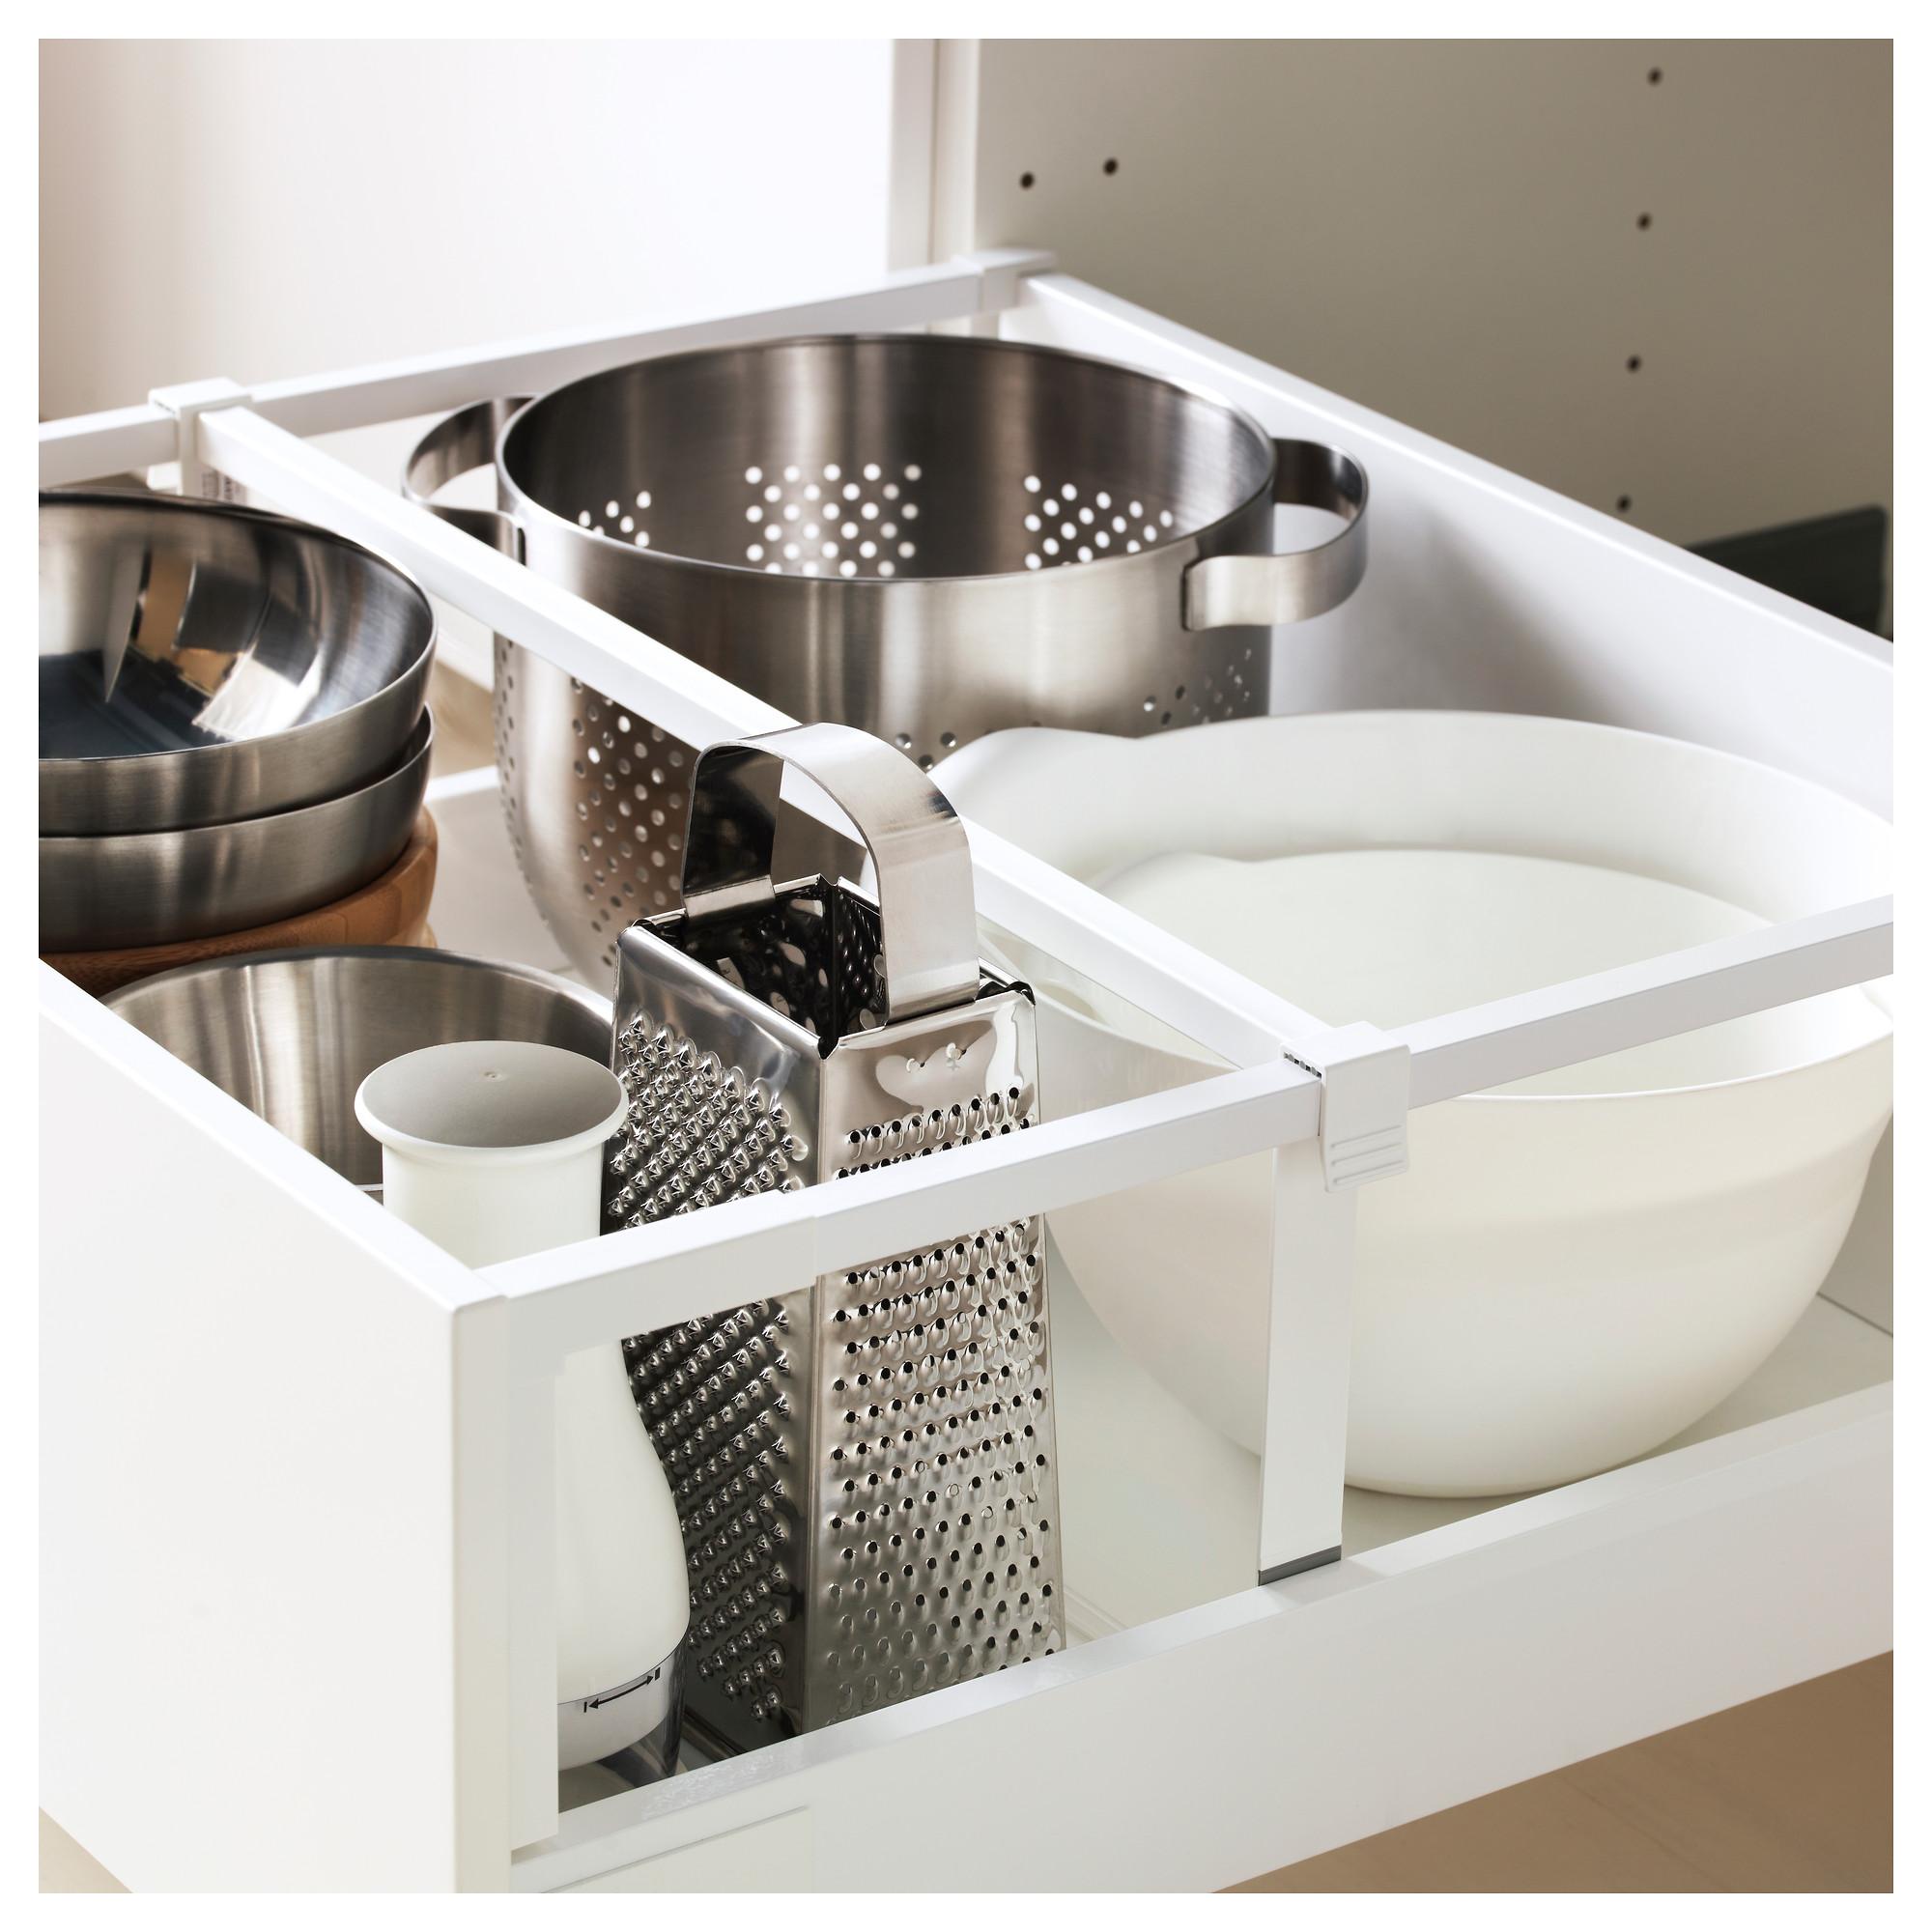 Высокий шкаф + полки, 5 ящиков, 2 дверцы, 2 фронтальных МЕТОД / МАКСИМЕРА белый артикуль № 992.328.74 в наличии. Онлайн магазин IKEA РБ. Недорогая доставка и соборка.